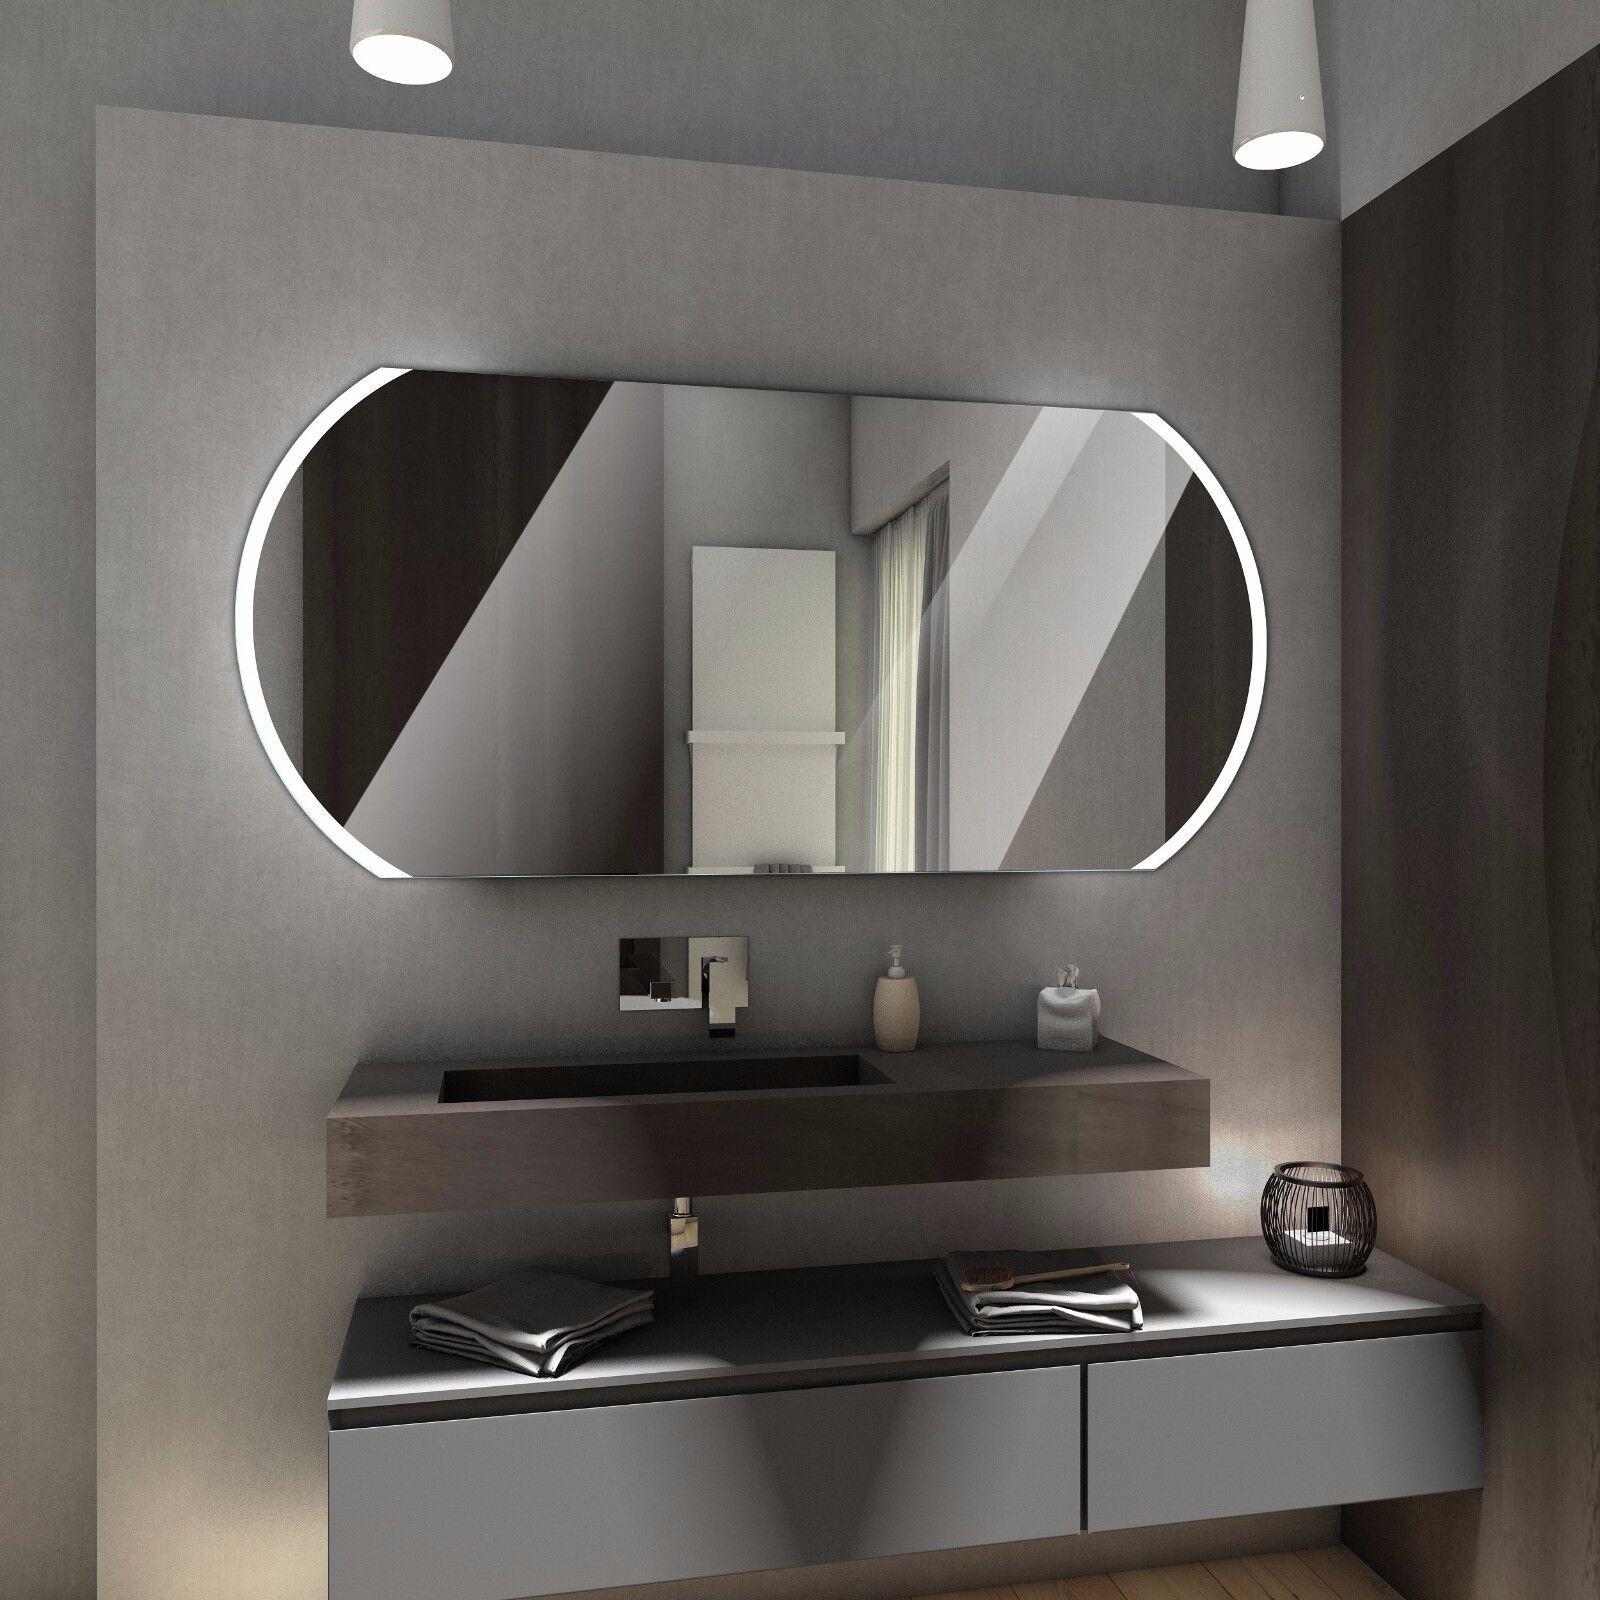 Badspiegel mit LED Beleuchtung Wandspiegel Badezimmerspiegel nach mass BALTIMORE